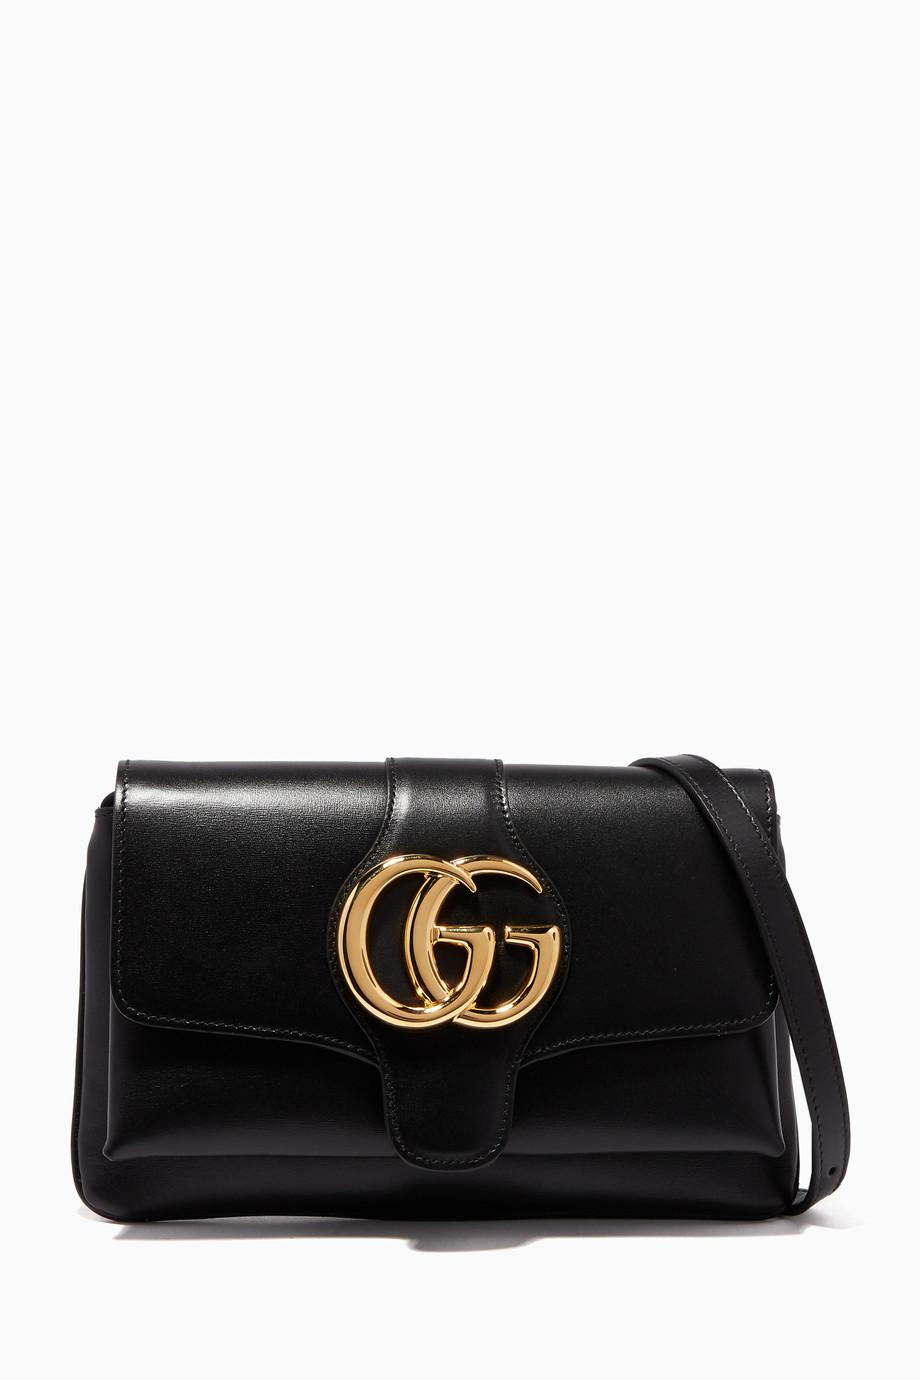 60e6df39895 Shop Gucci Black Black Arli Small Shoulder Bag for Women